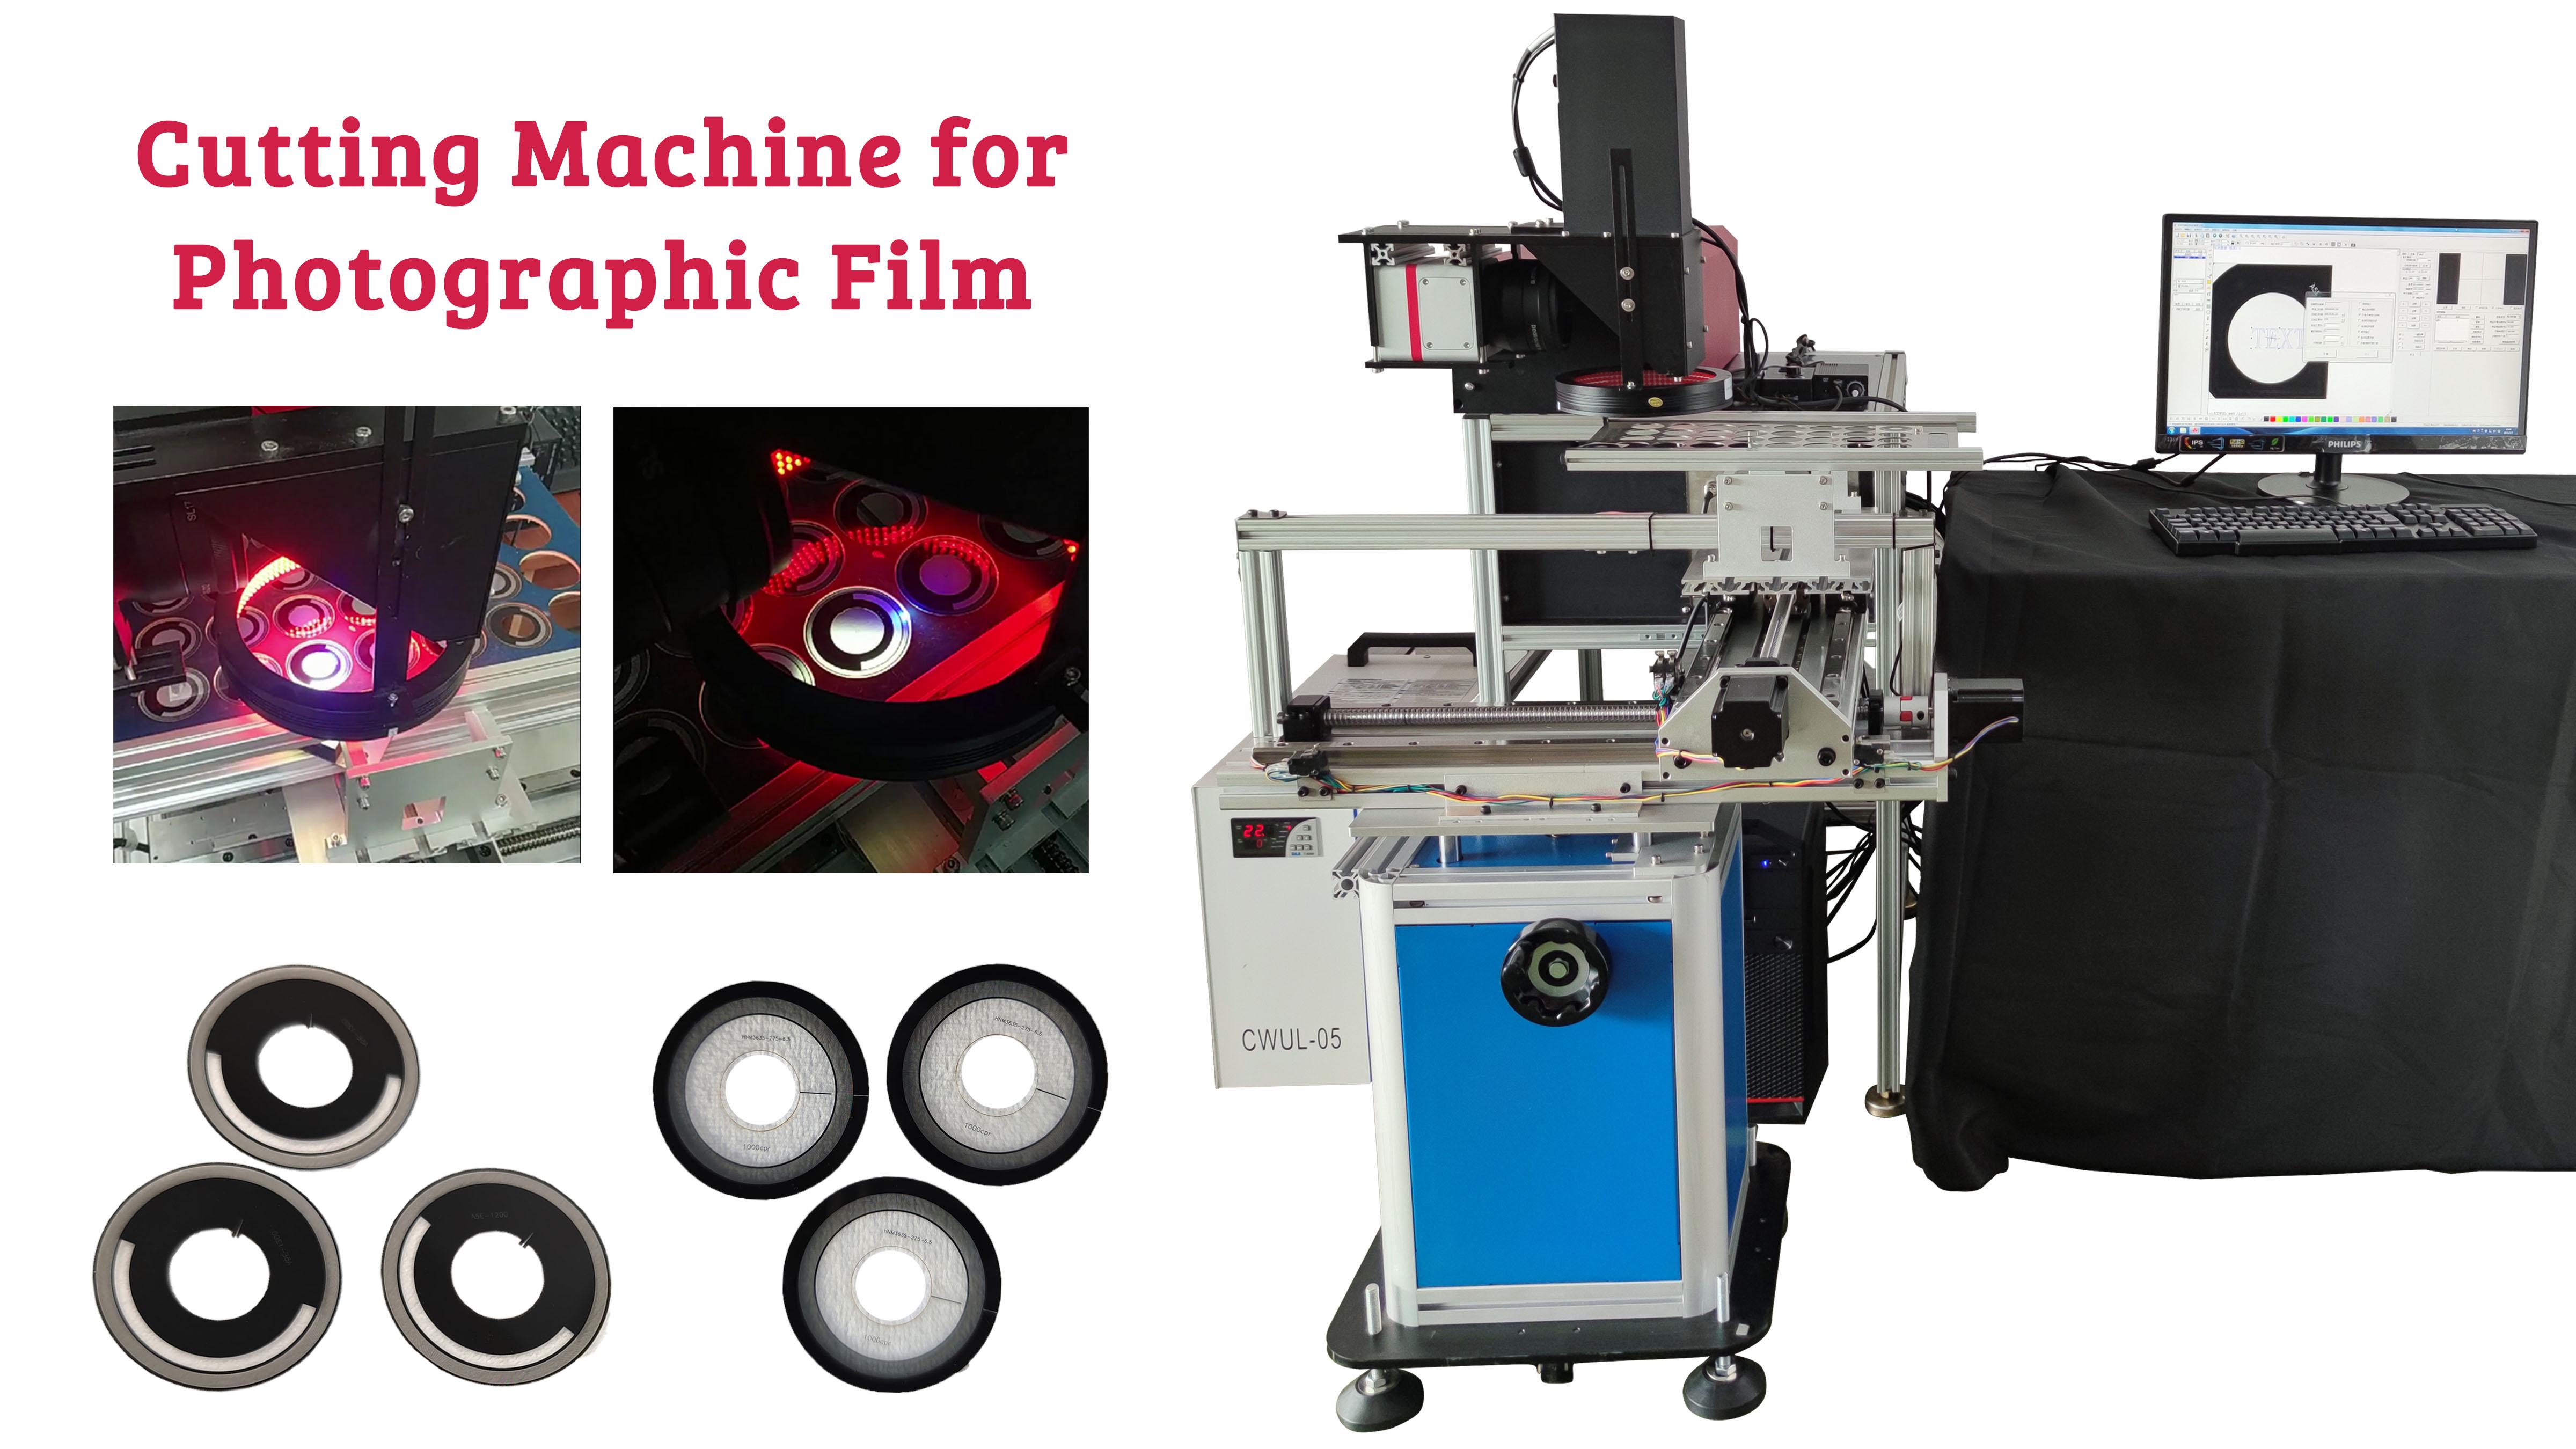 Fall der nicht standardmäßigen Maschinenanpassung | COSMO UV-Laserschneidmaschine für spezielle Kunststoff (fotografischer Film)